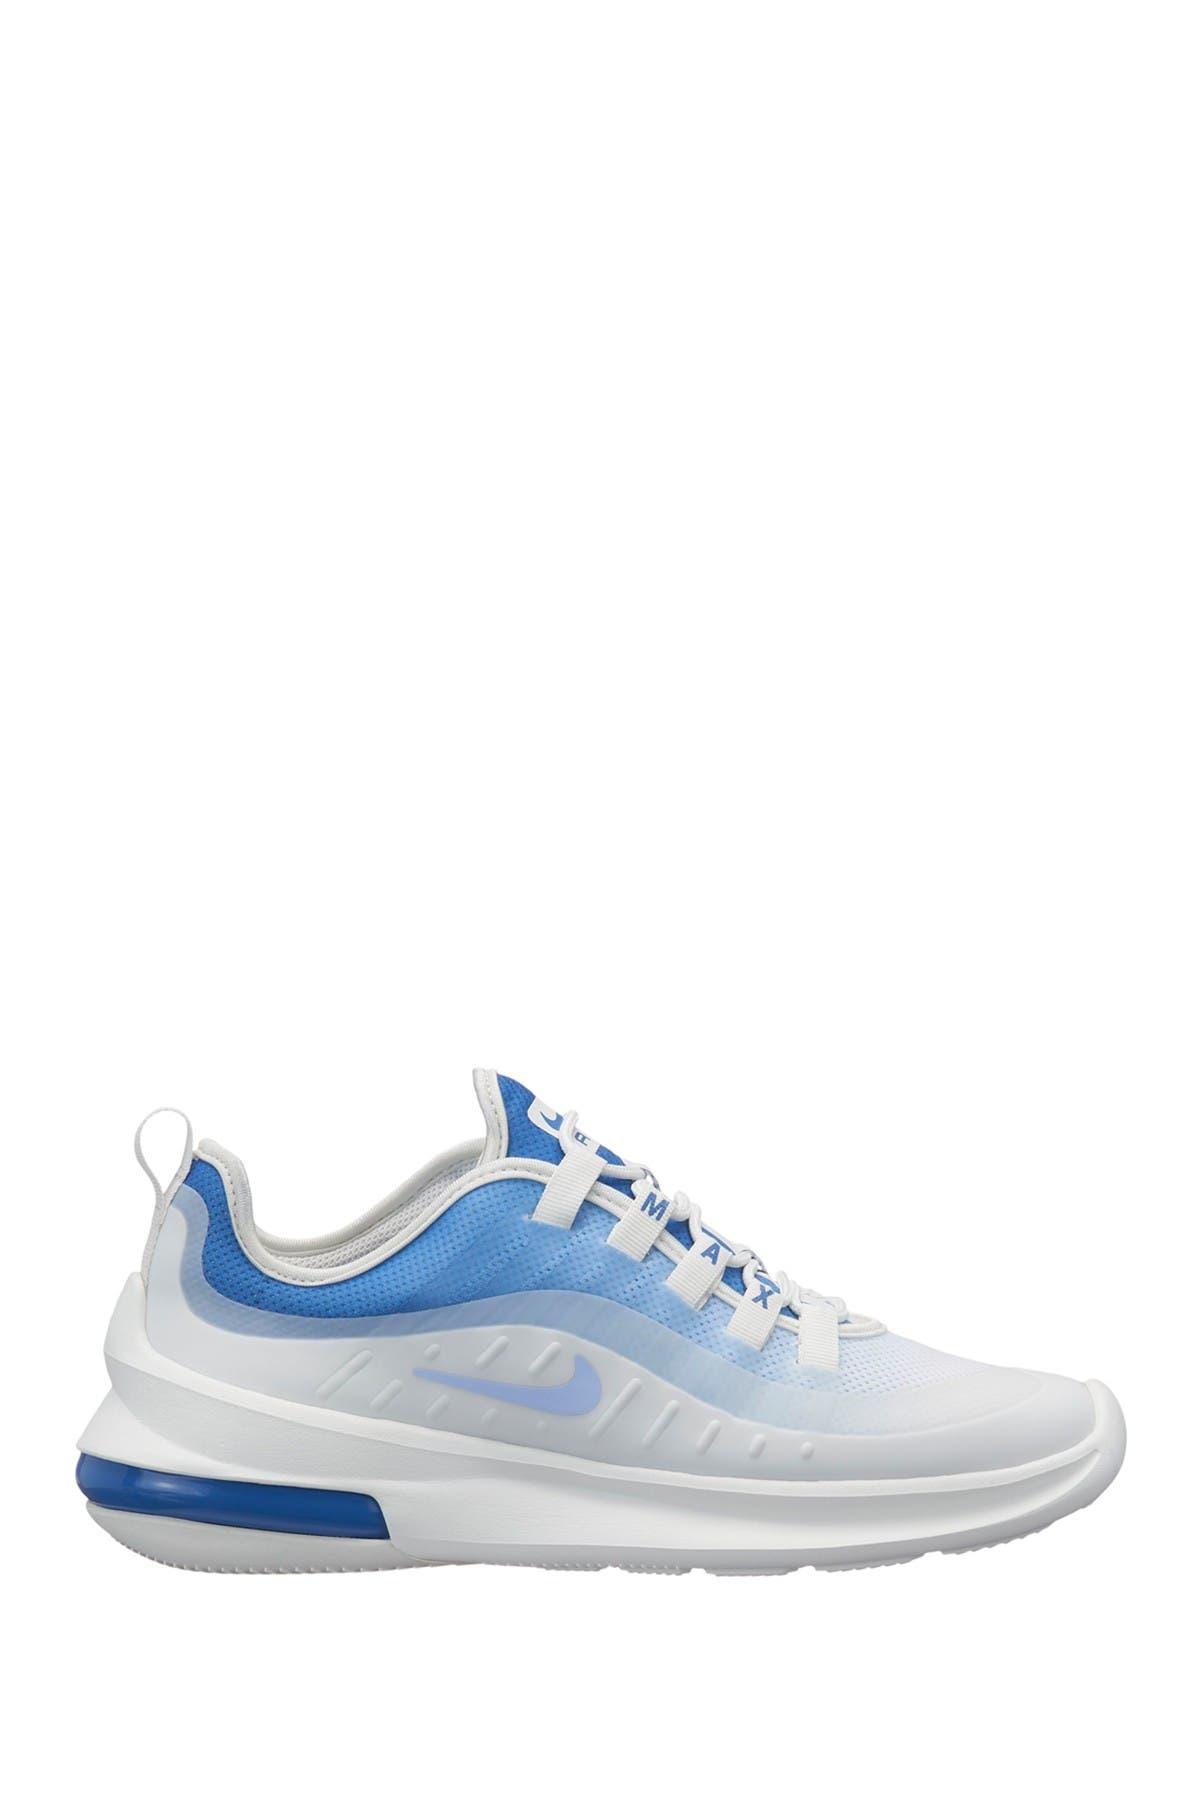 Nike | Air Max Axis SE Sneaker